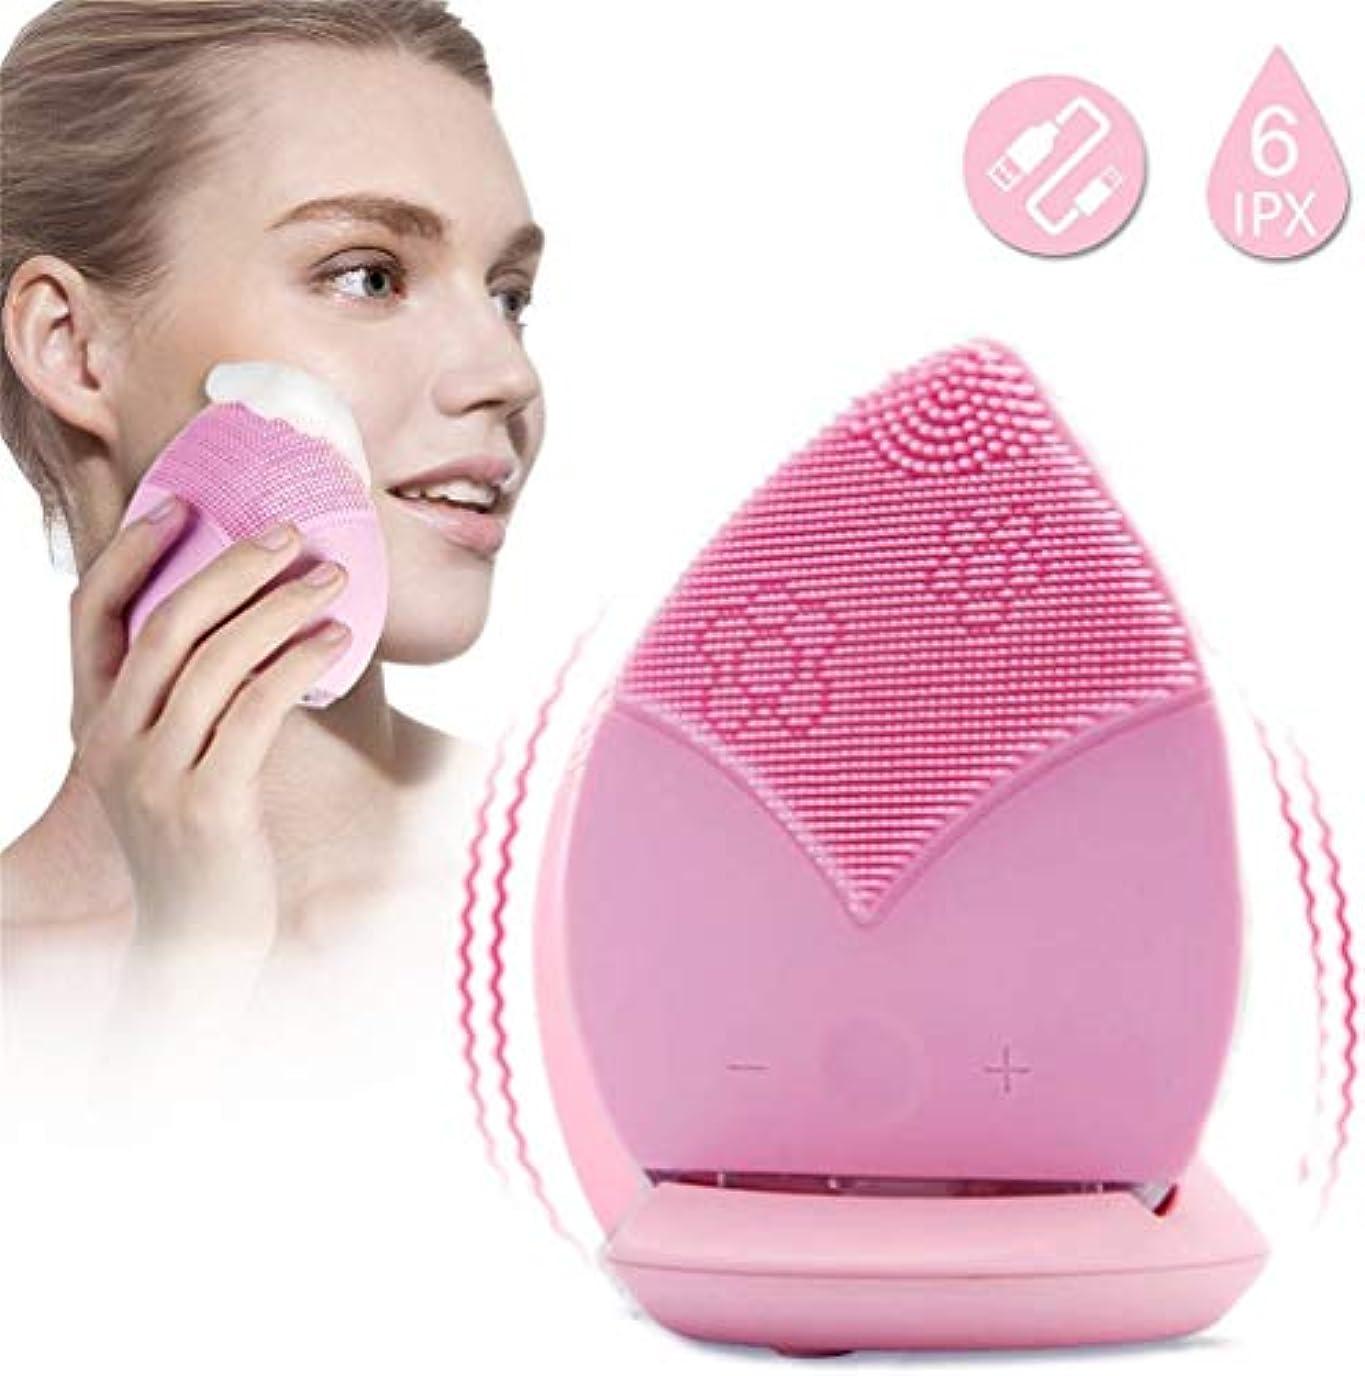 放射能汚染された実装するシリコン洗顔ブラシ、フェイスブラシクリーナー電気エクスフォリエイティングアンチエイジングアンチリンクルスキンクレンザーメイクの除去のための振動防水